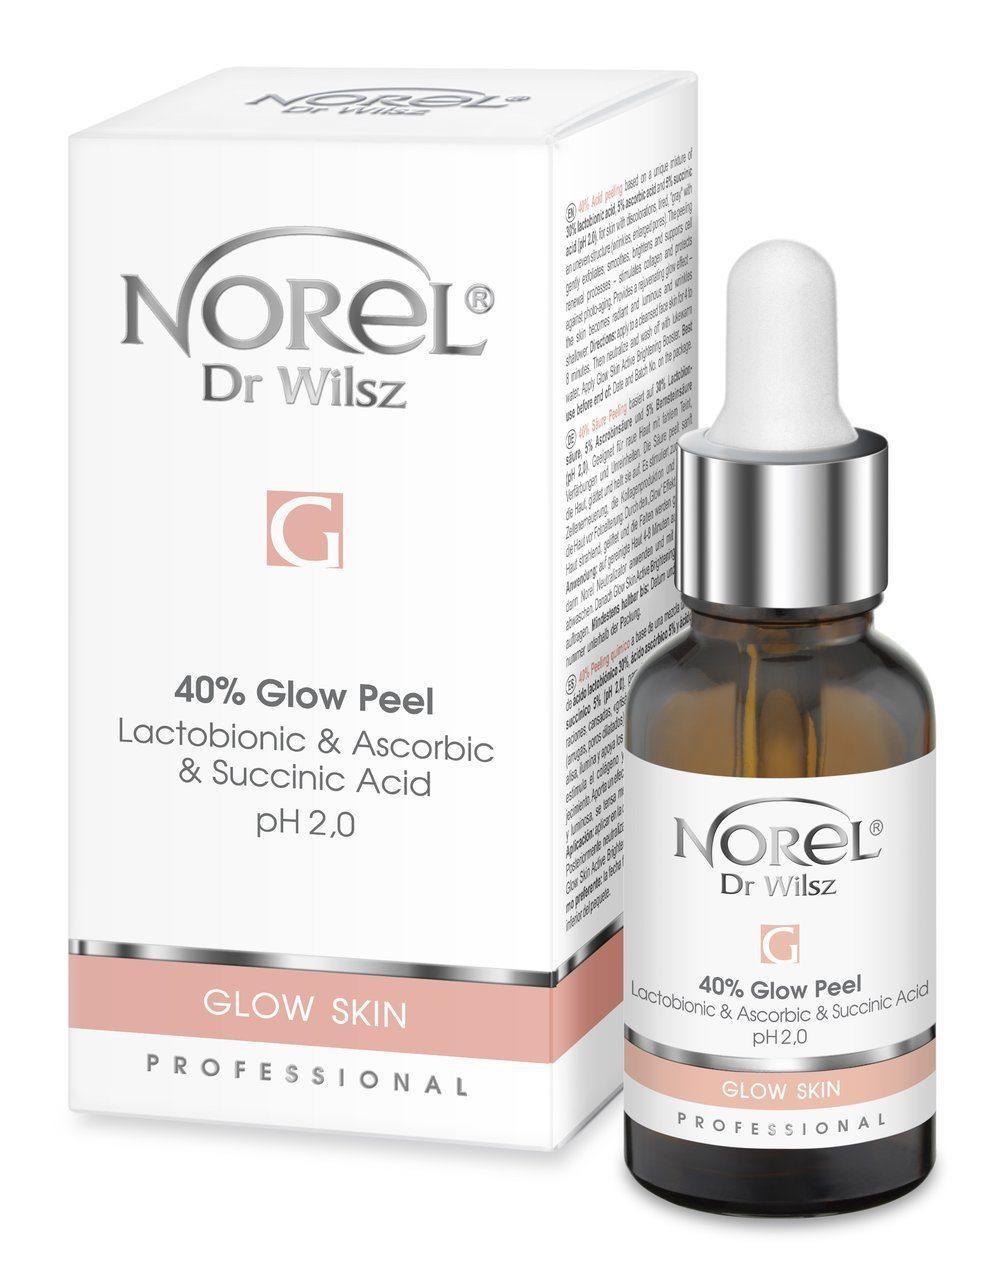 Пилинг с эффектом осветления и сияния кожи с лактобионовой, аскорбиновой и янтарной кислотой Norel Glow Skin G